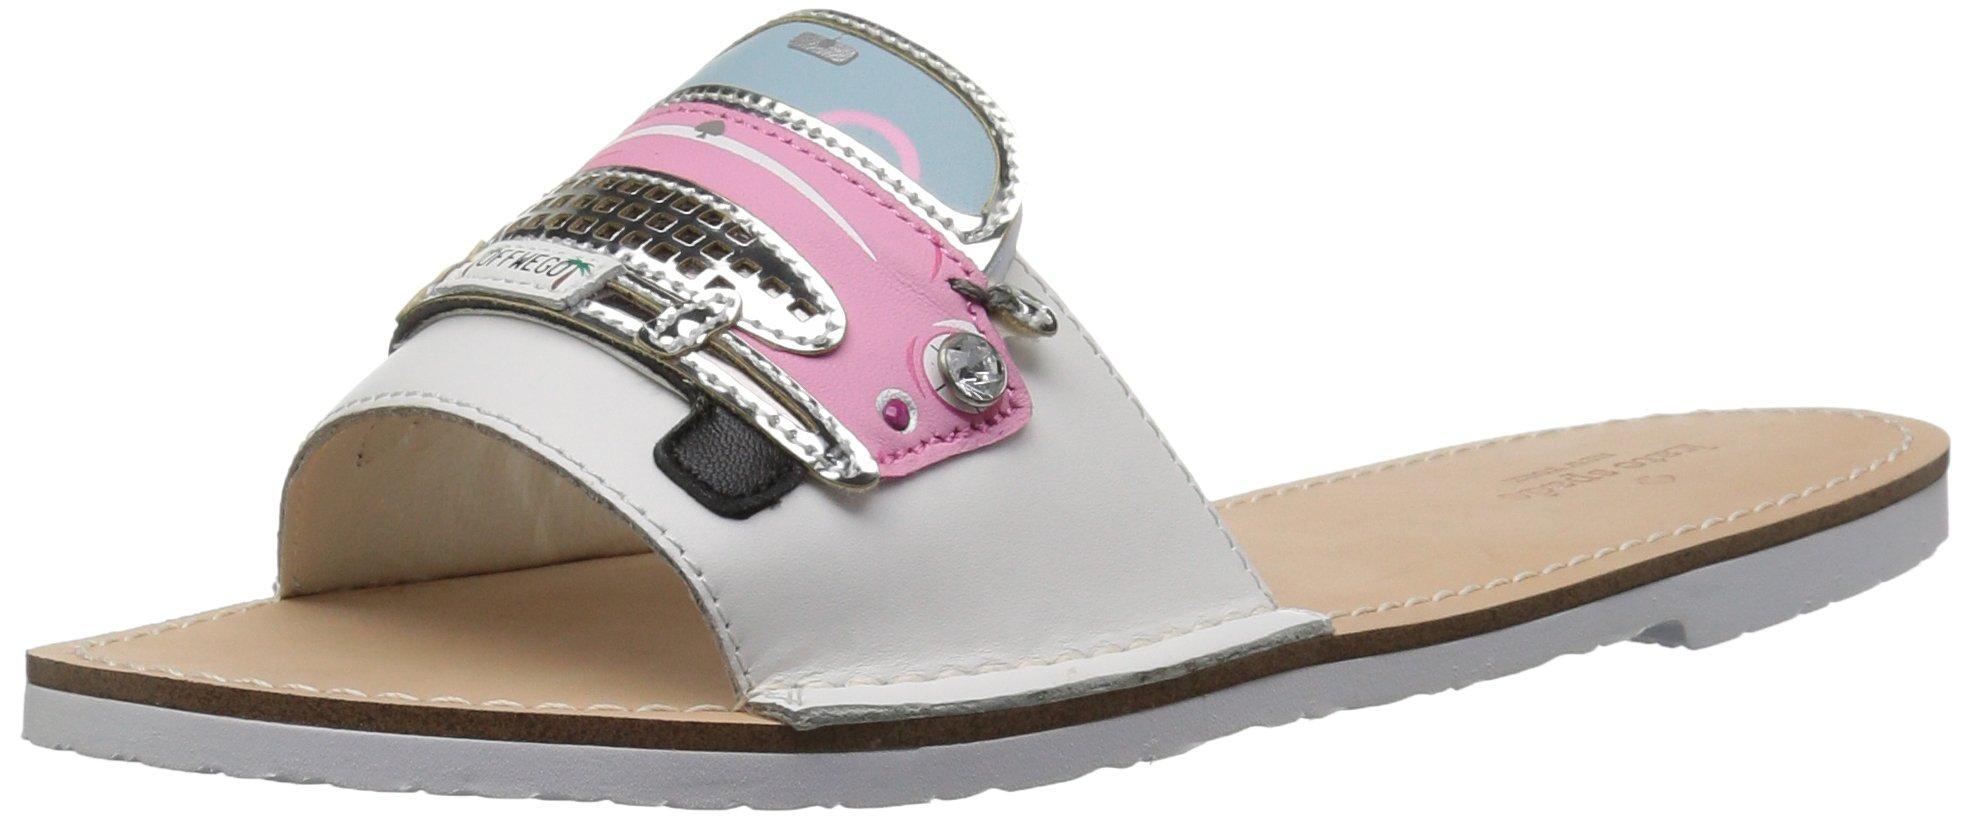 kate spade new york Women's Isla Slide Sandal, White, 10 M US